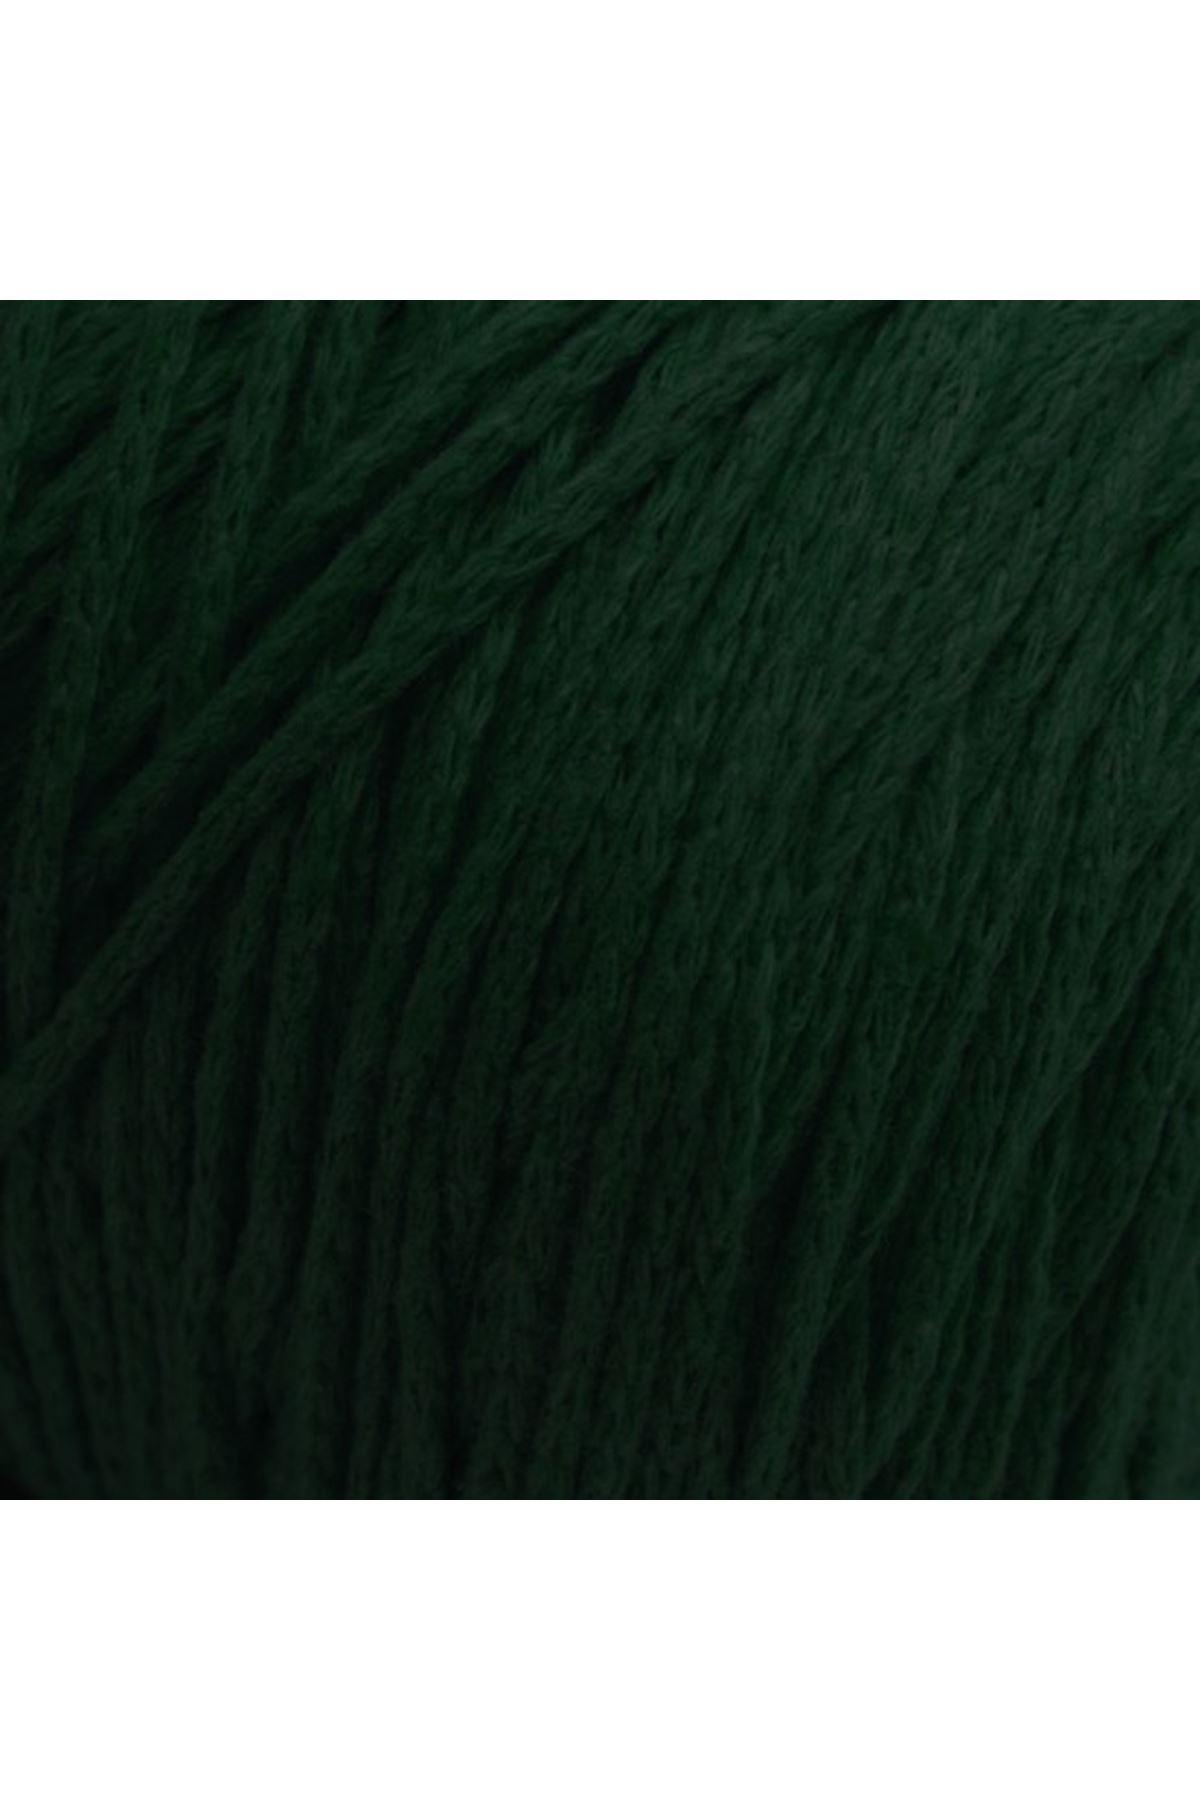 Cotton Makrome İnce - 60001- Ördek Yeşili